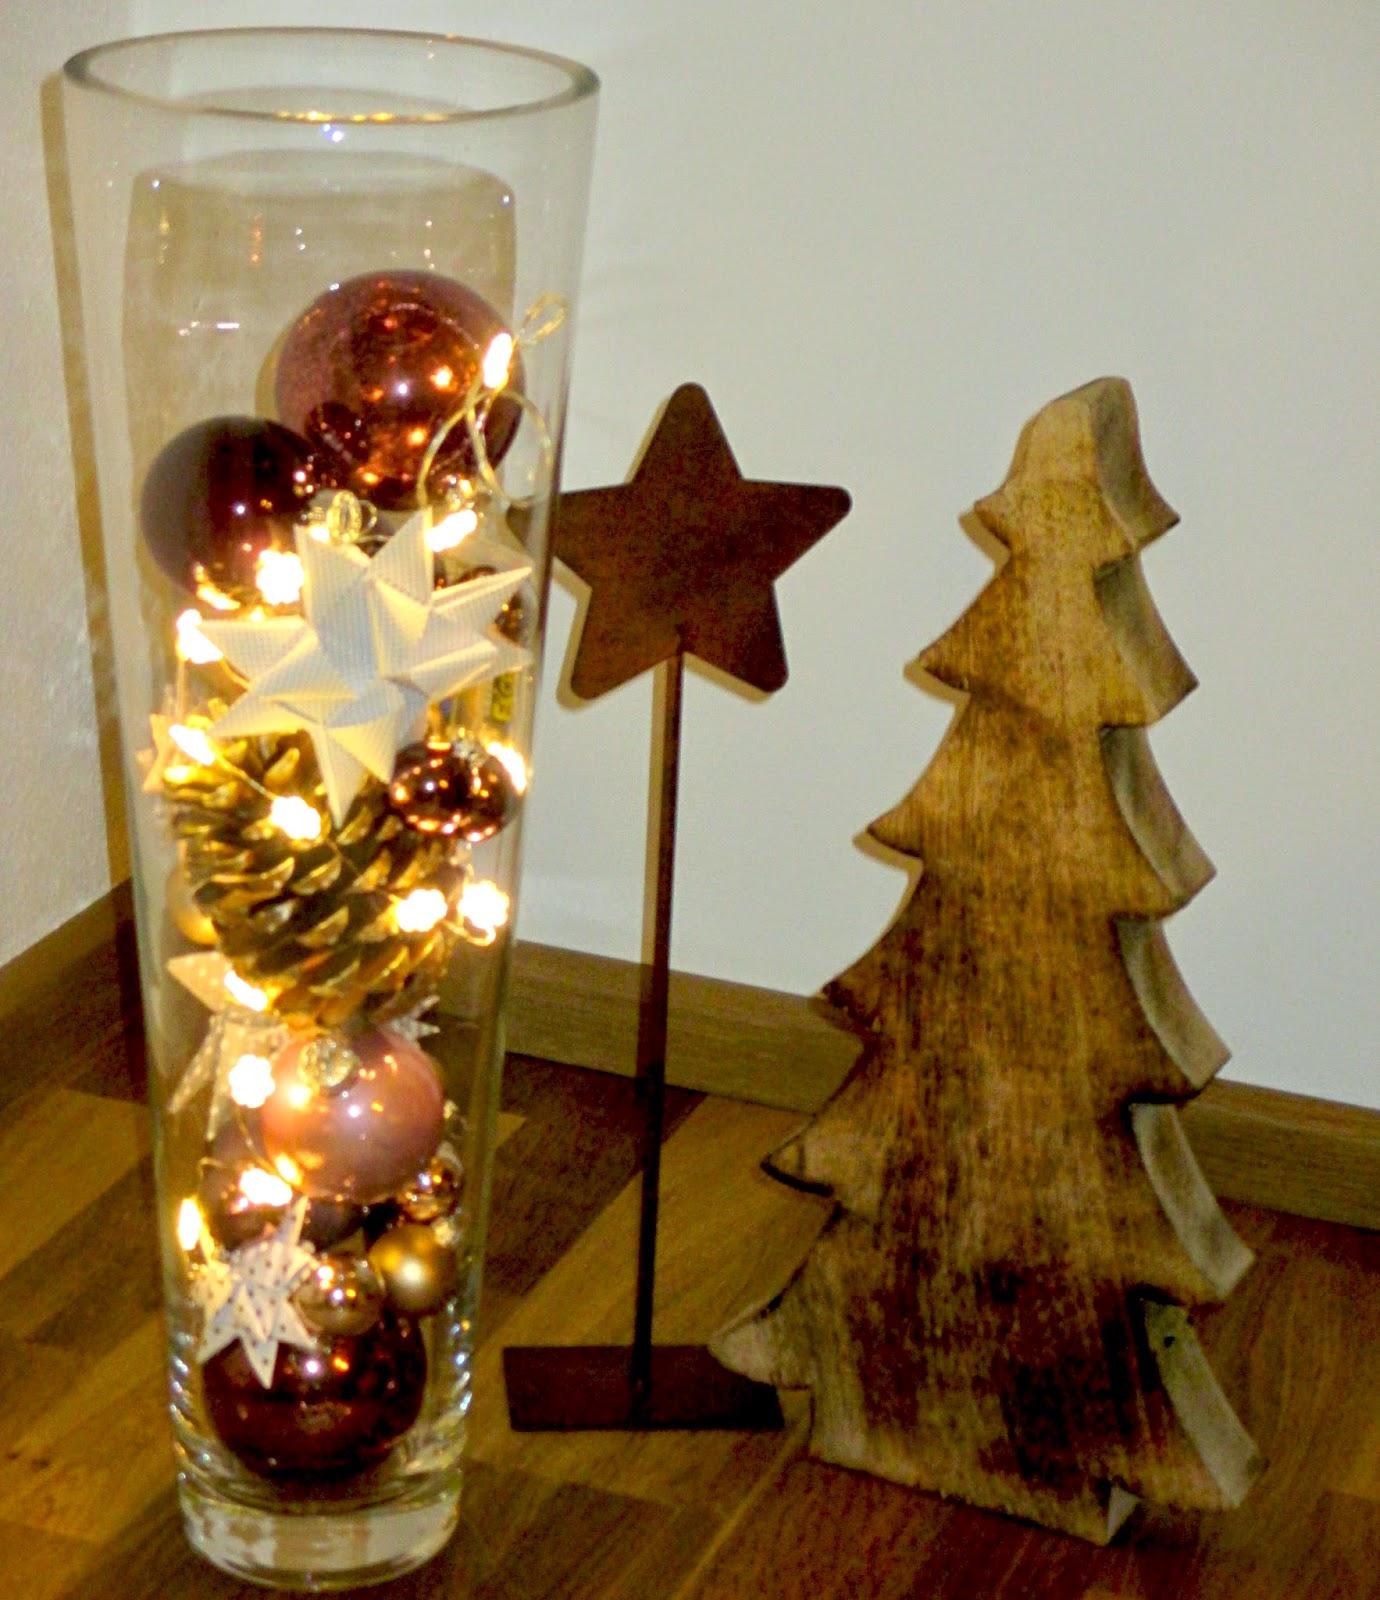 Gebastelte Weihnachtsdeko.Sehnsuchtssachen Advent Advent Nicht Nur Ein Lichtlein Brennt